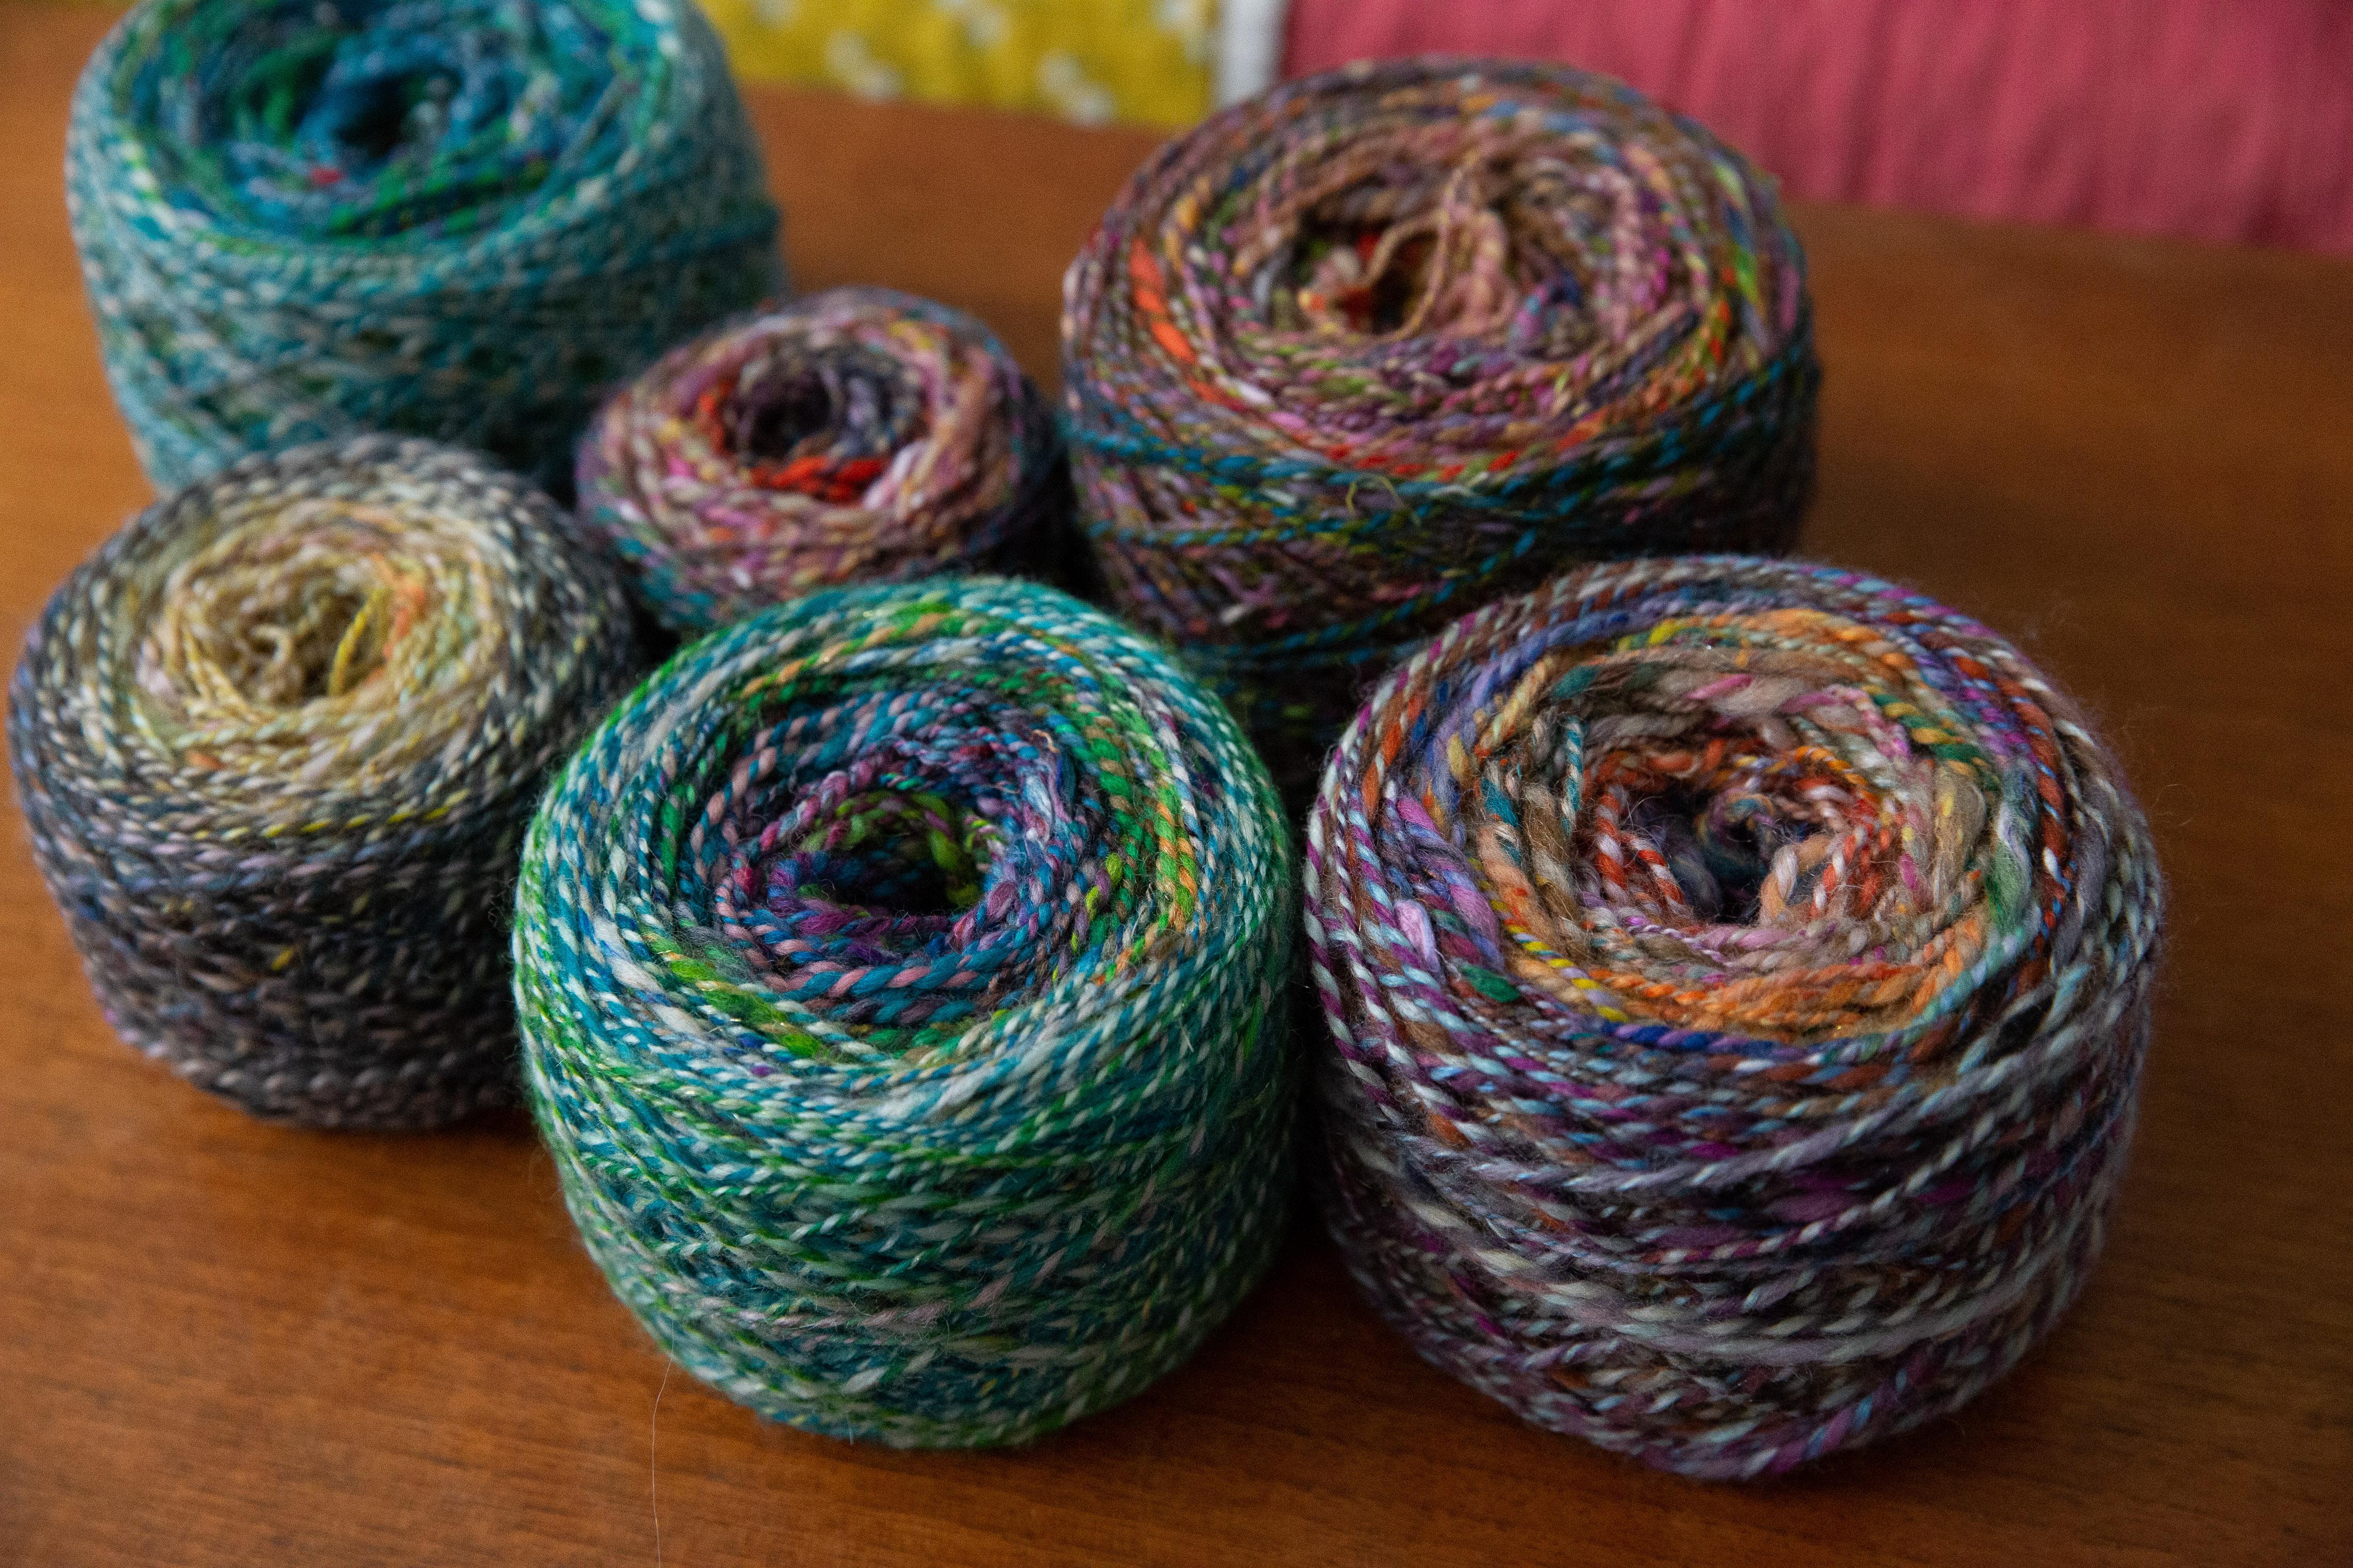 handspun yarn in cakes